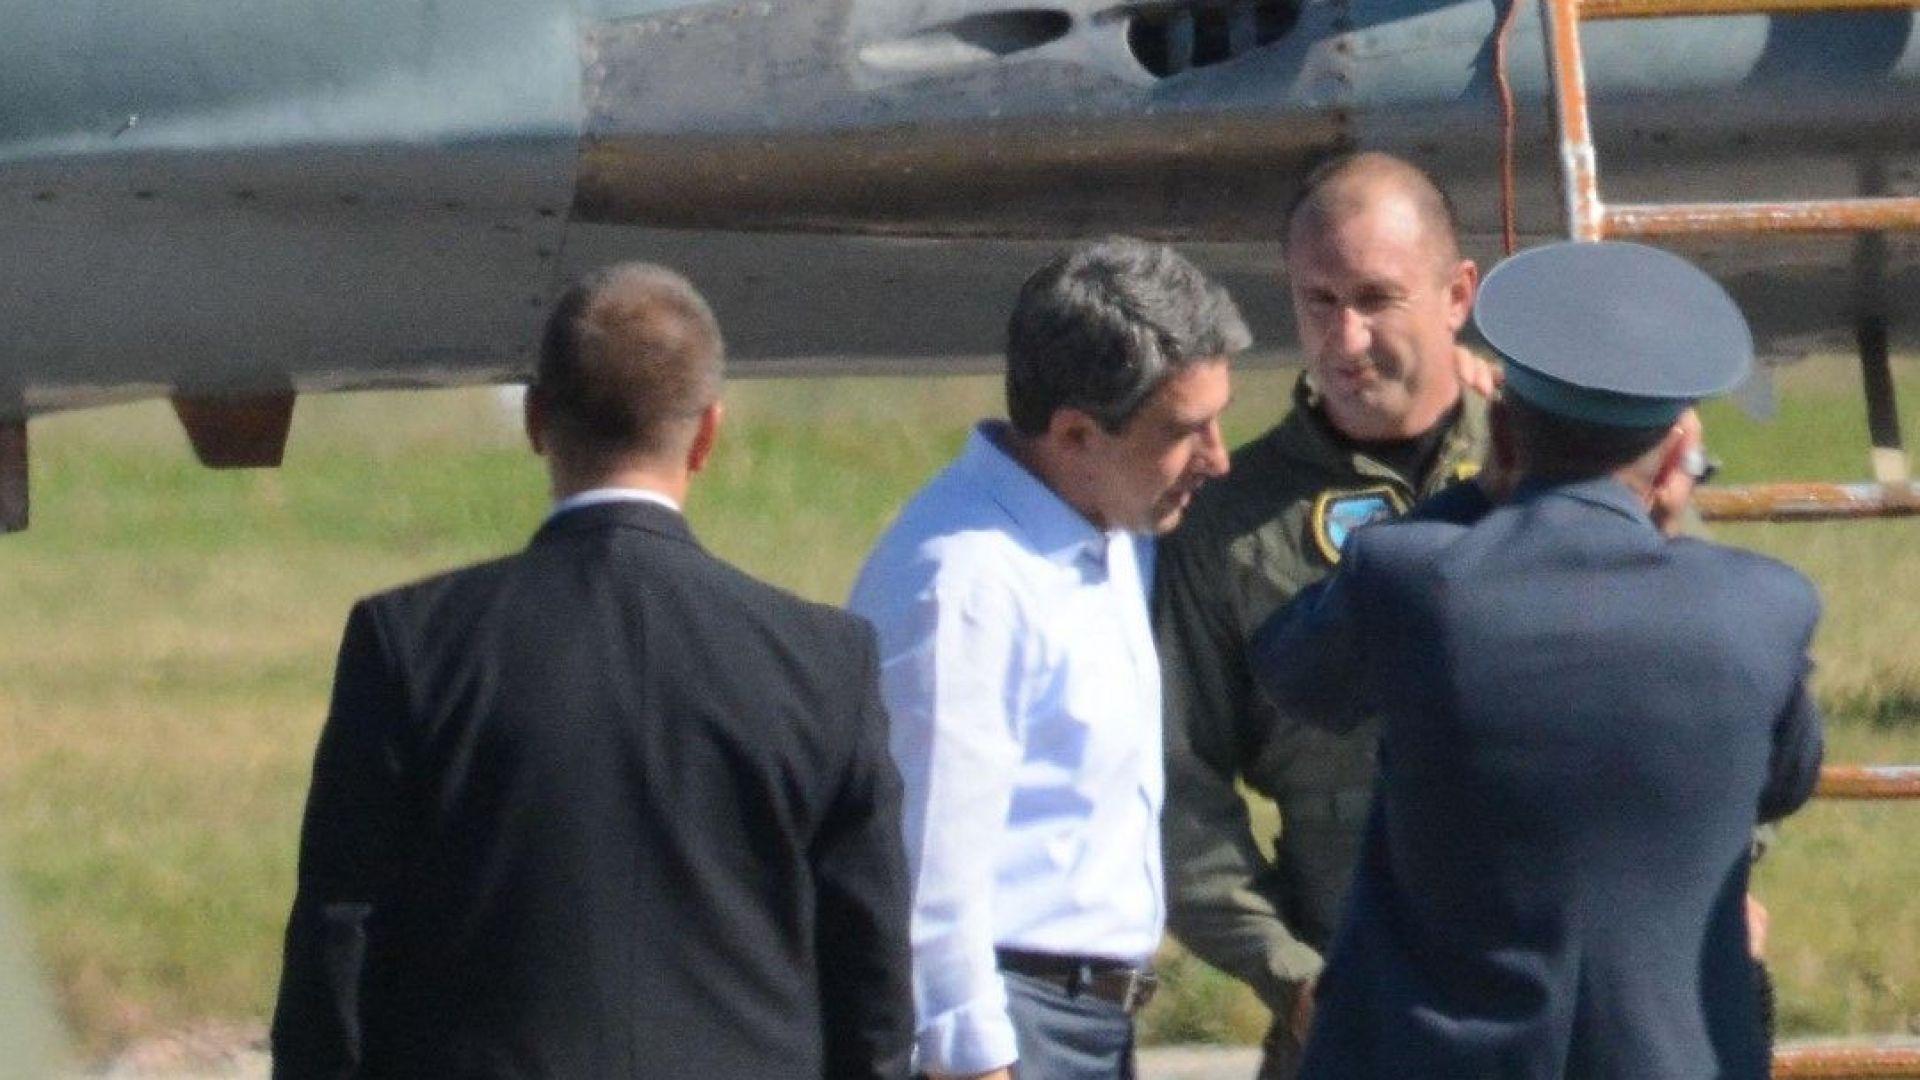 След трудния и рискован полет Румен Радев разговаря с тогавашния президент Росен Плевнелиев